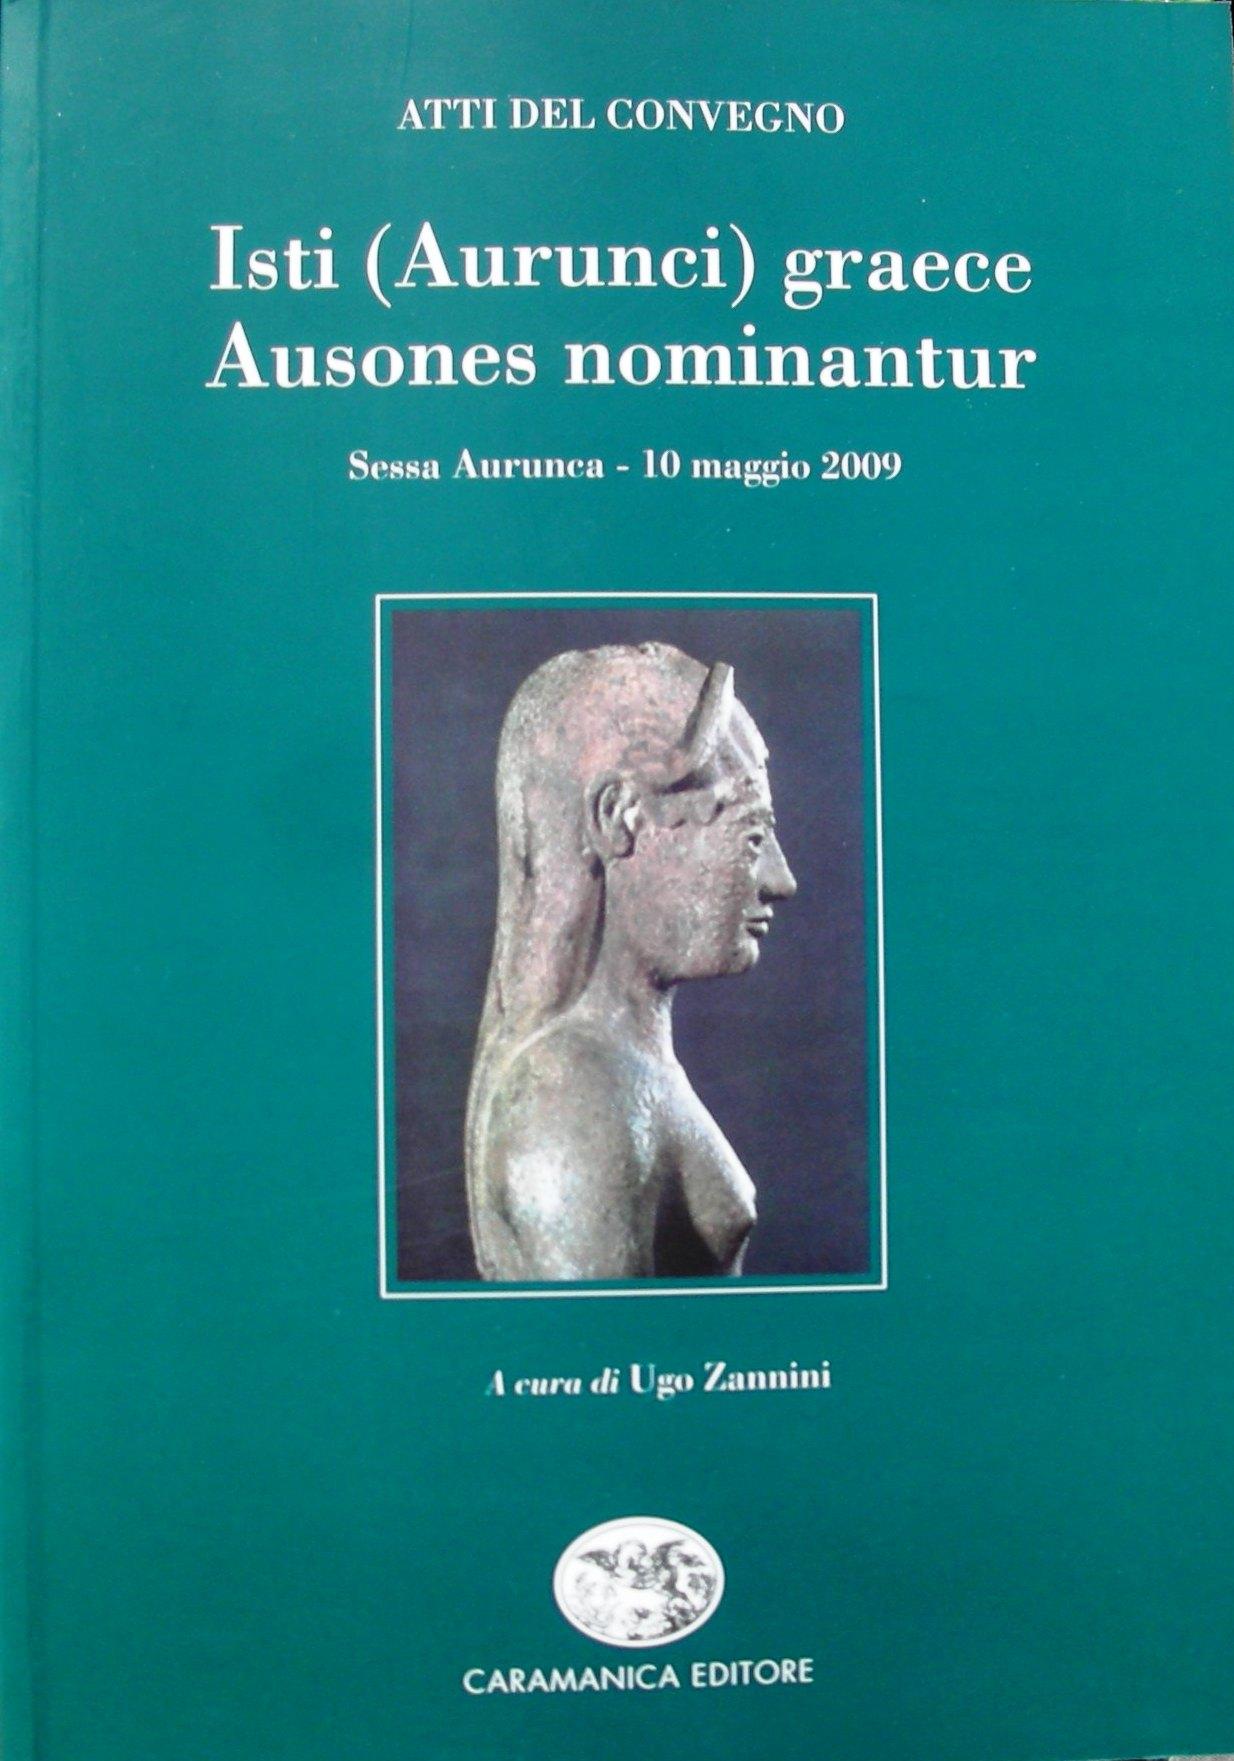 Isti (Aurunci) graece Ausones nominantur